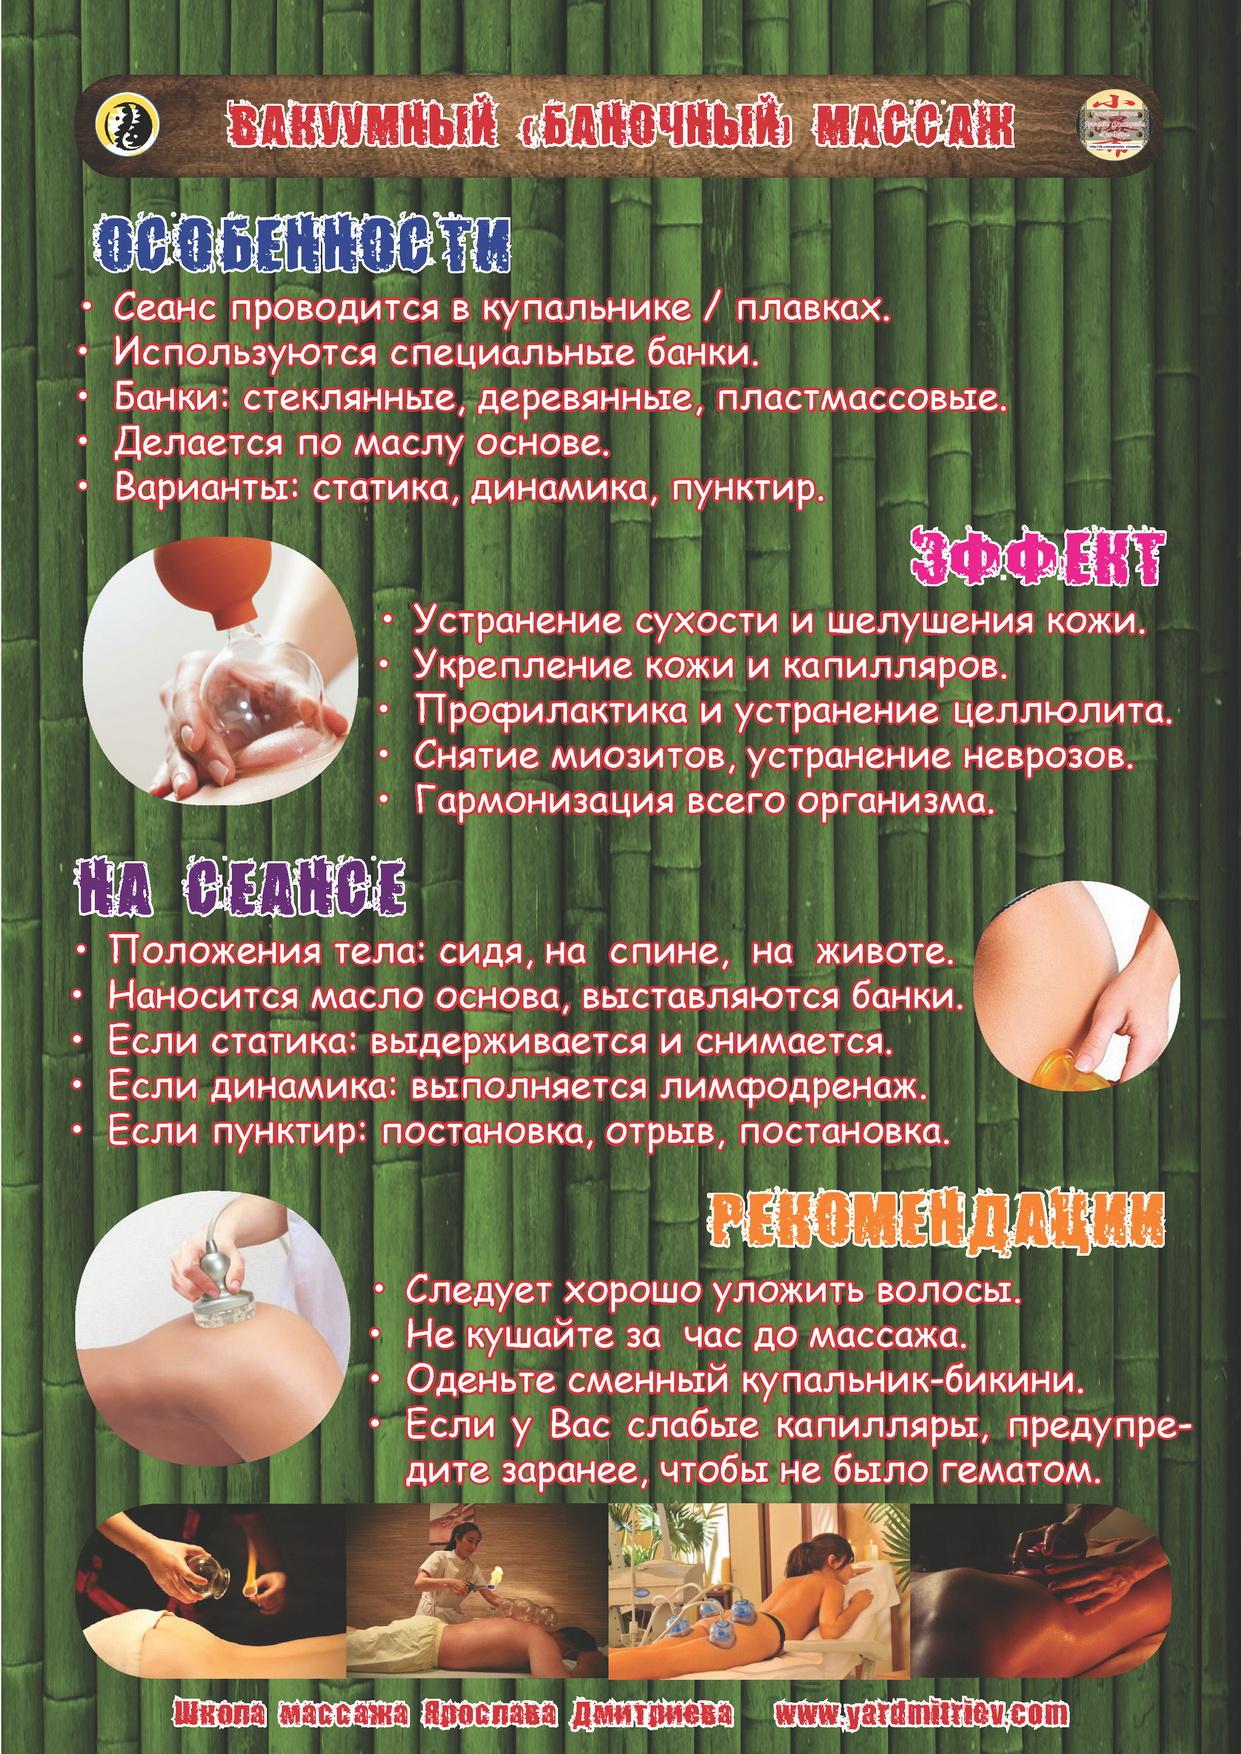 Вакуумный (баночный) массаж